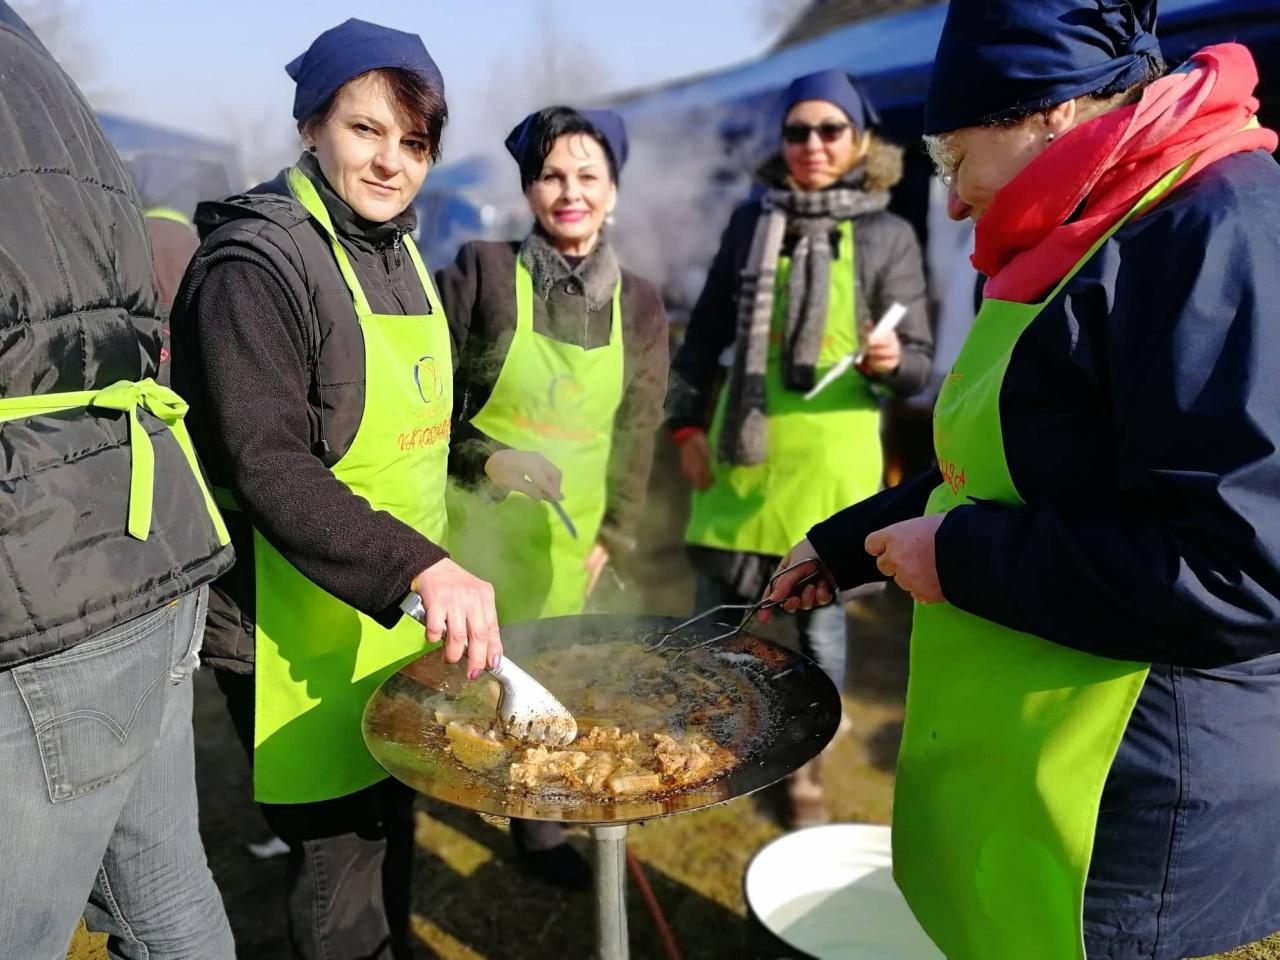 Ínycsiklandó ételeket készít a városházi csapat - Náluk is érdemes kóstolni!